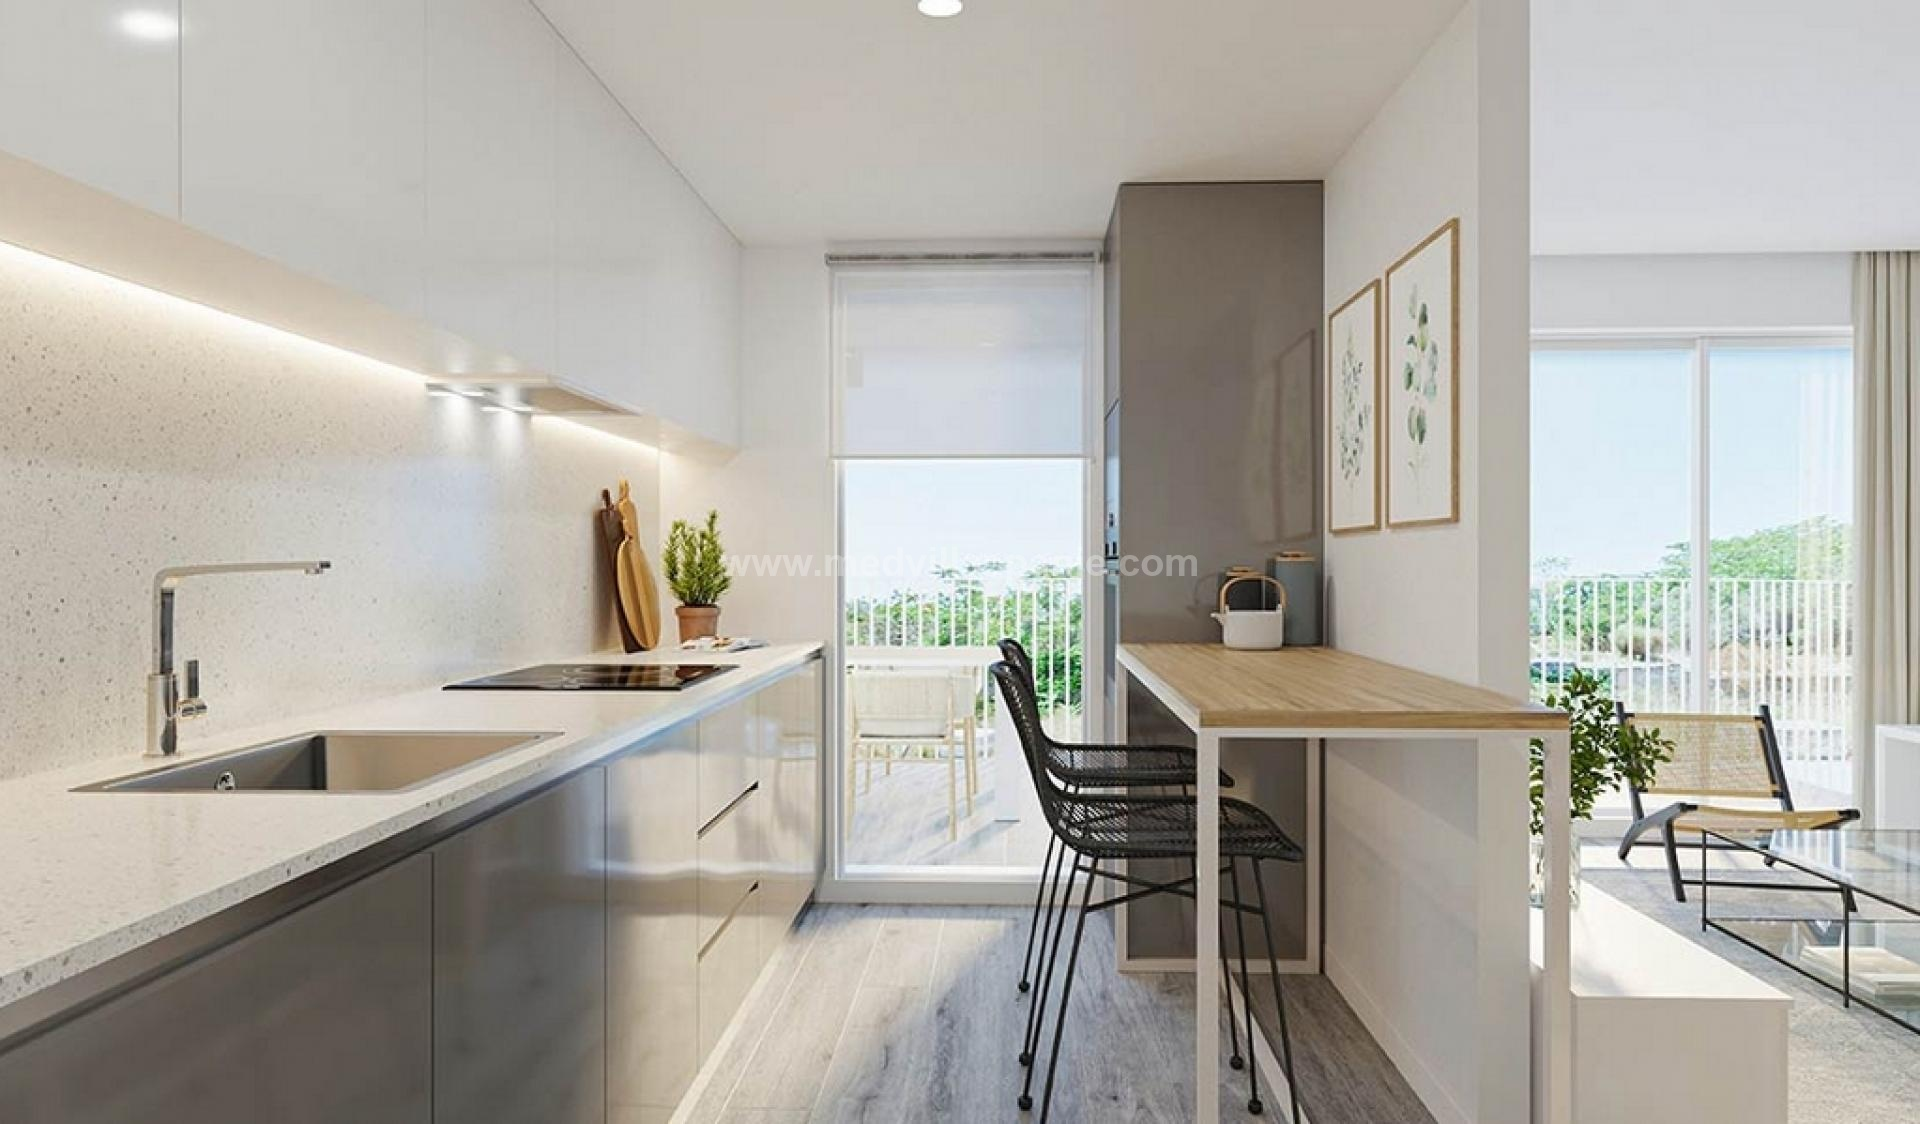 3 Slaapkamer Appartement met terras in Jávea - Nieuwbouw in Medvilla Spanje